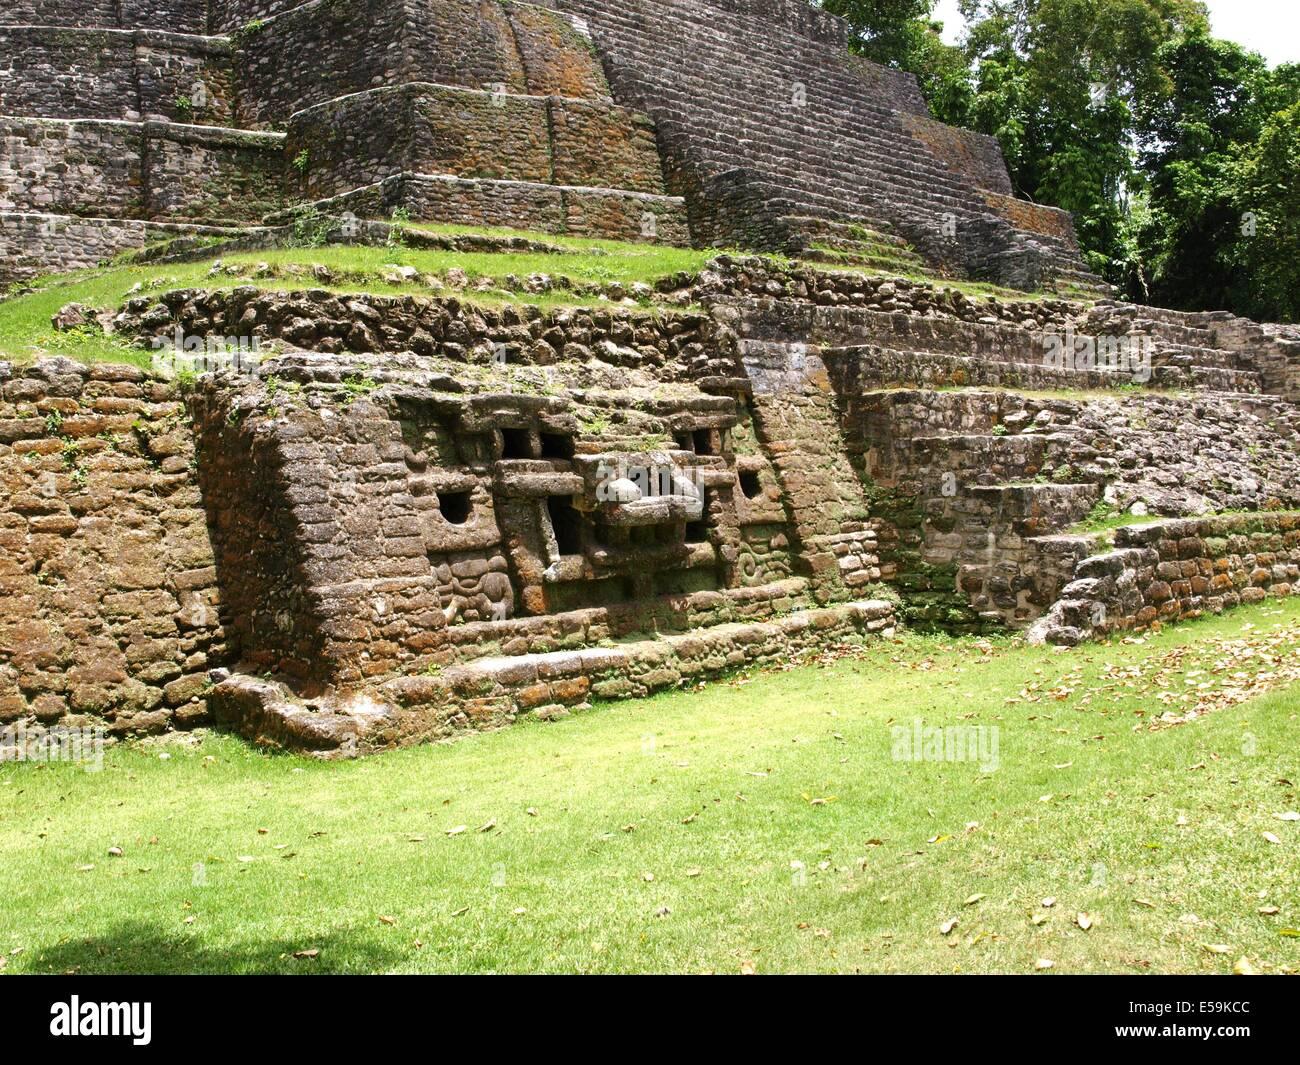 Jaguar head on the Jaguar Temple at Lamanai in Belize - Stock Image